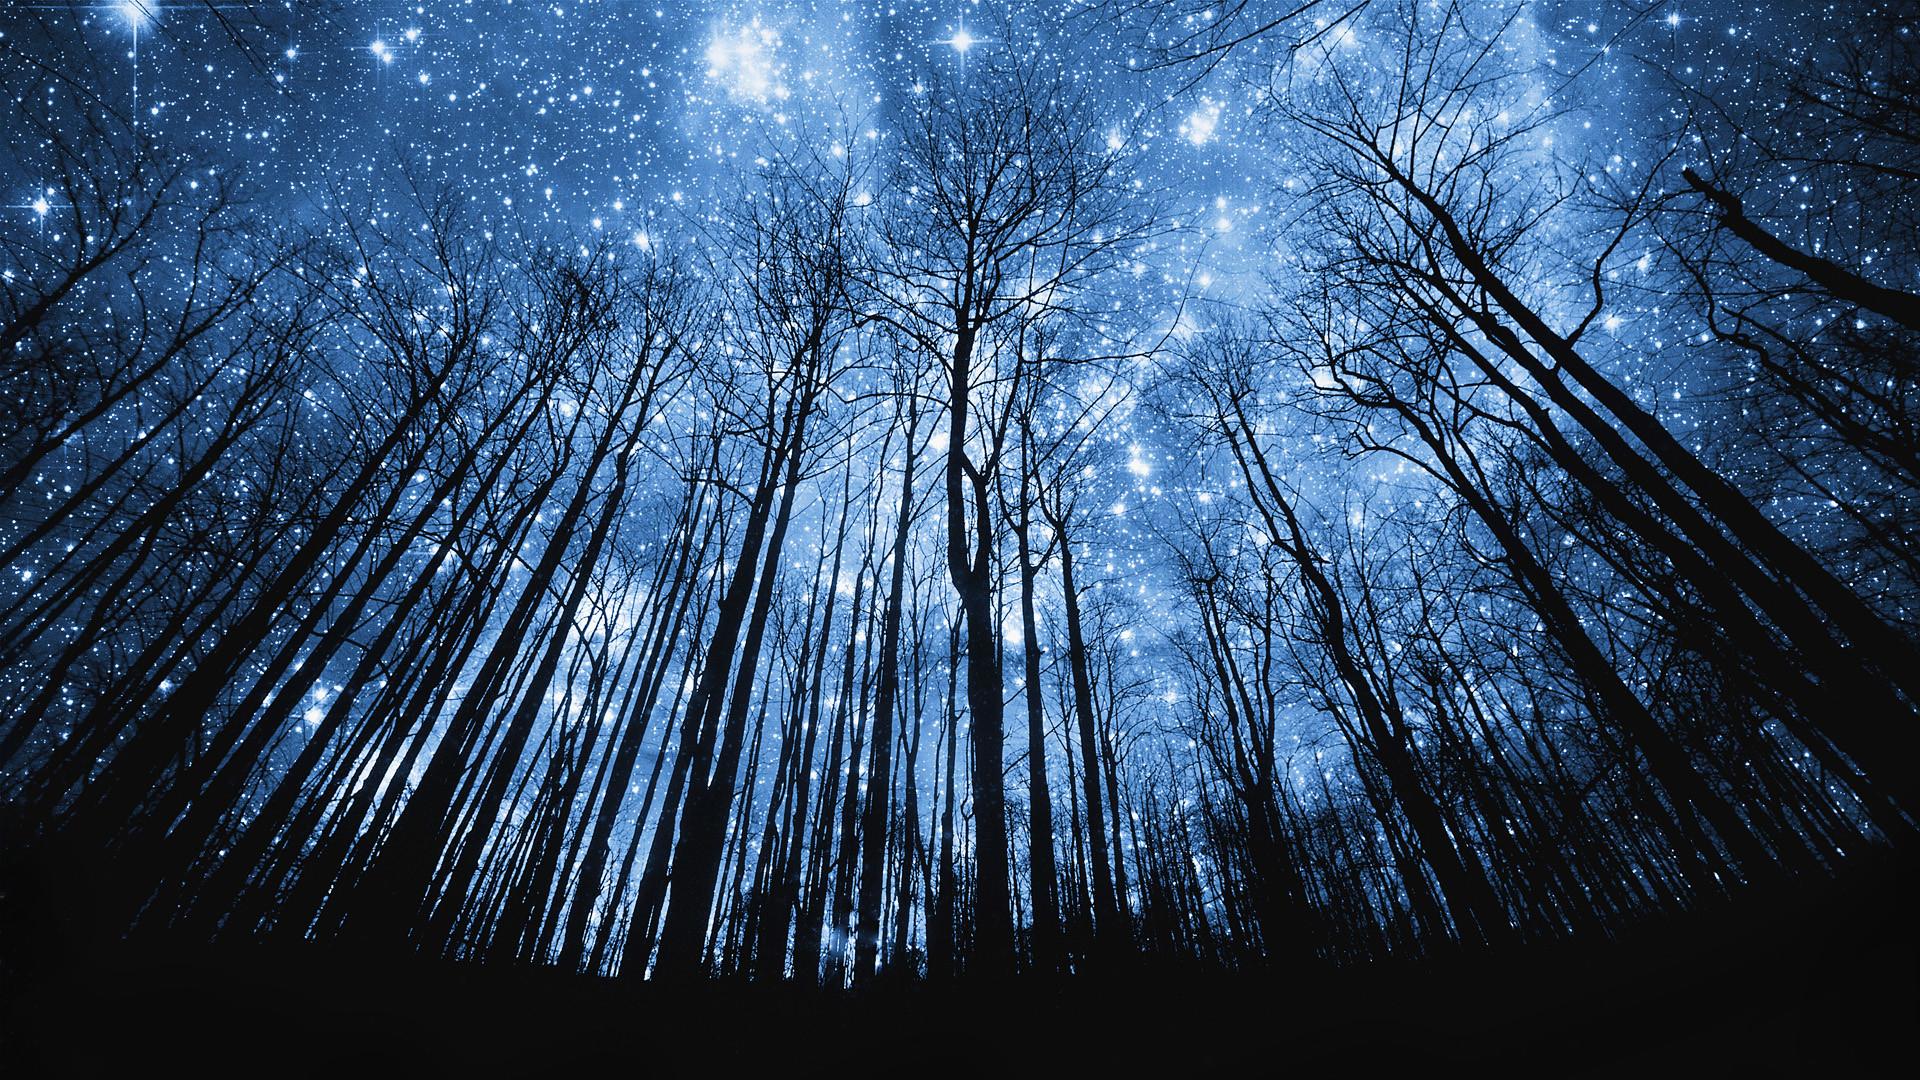 … sky full of stars wallpaper wallpapersafari …